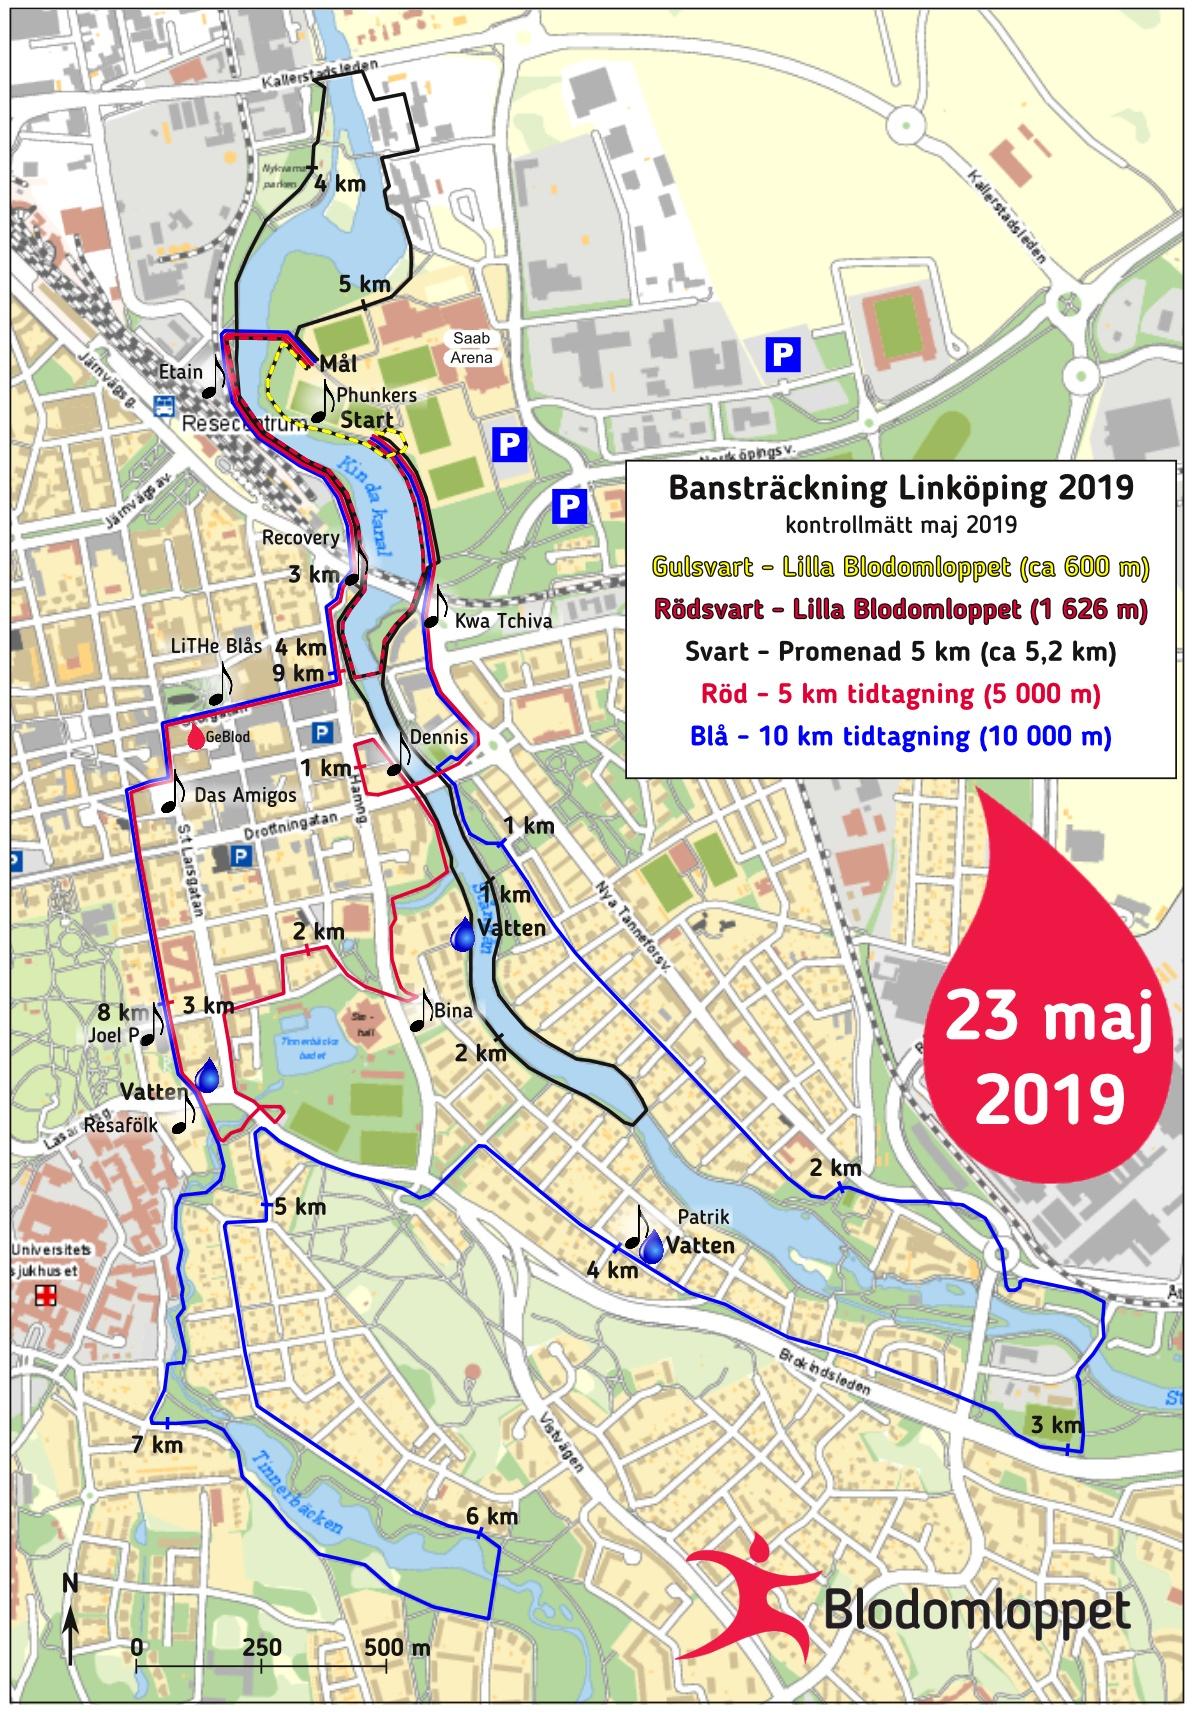 Arena Och Banstrackning Blodomloppet 2020